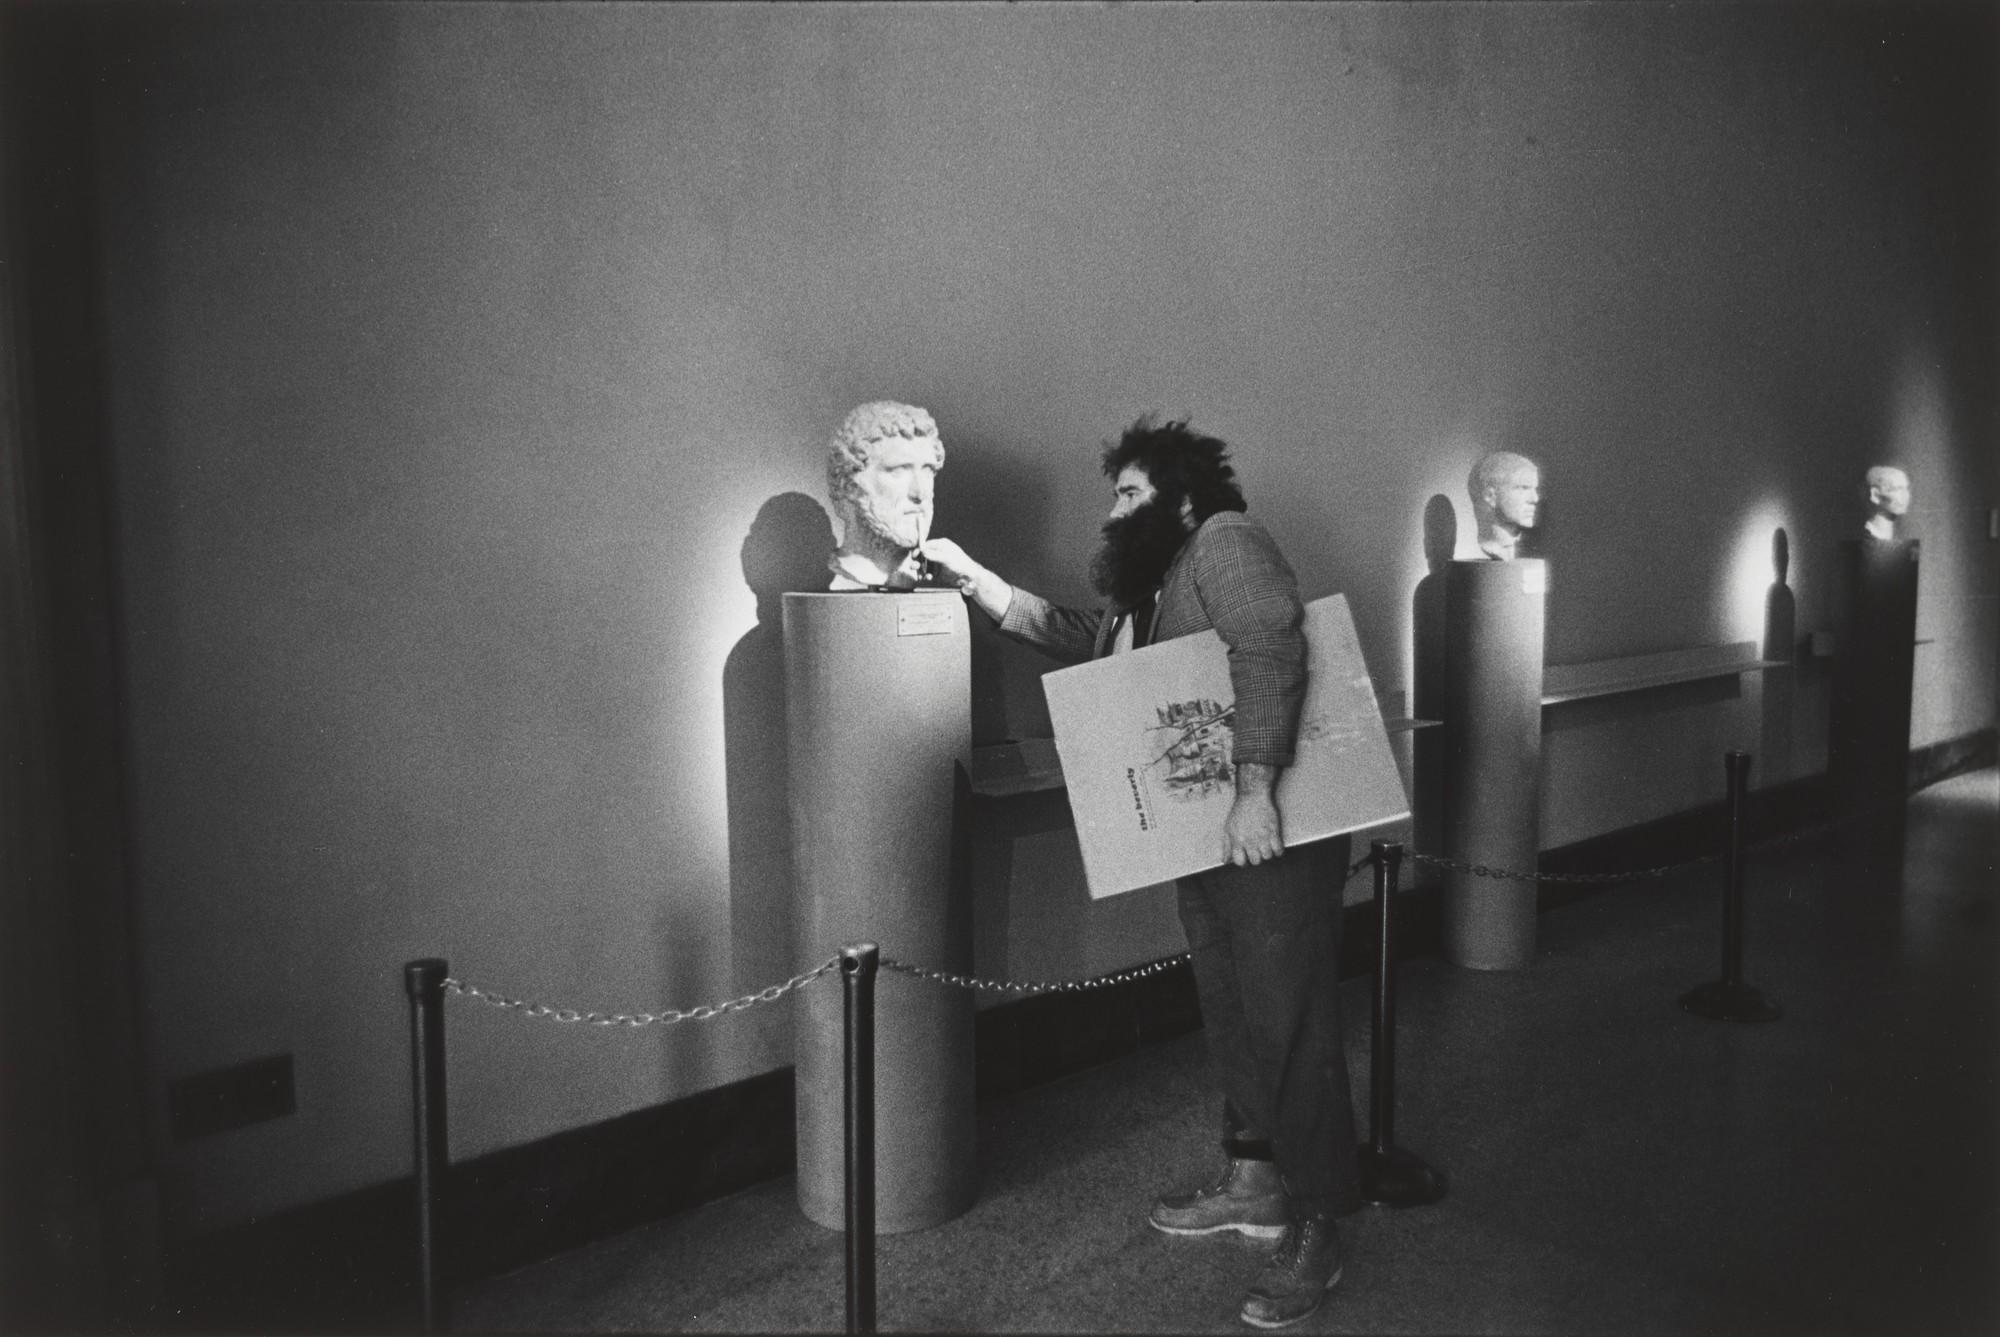 Римский зал в Метрополитен-музее, Нью-Йорк, 1971. Фотограф Пол МакДонах